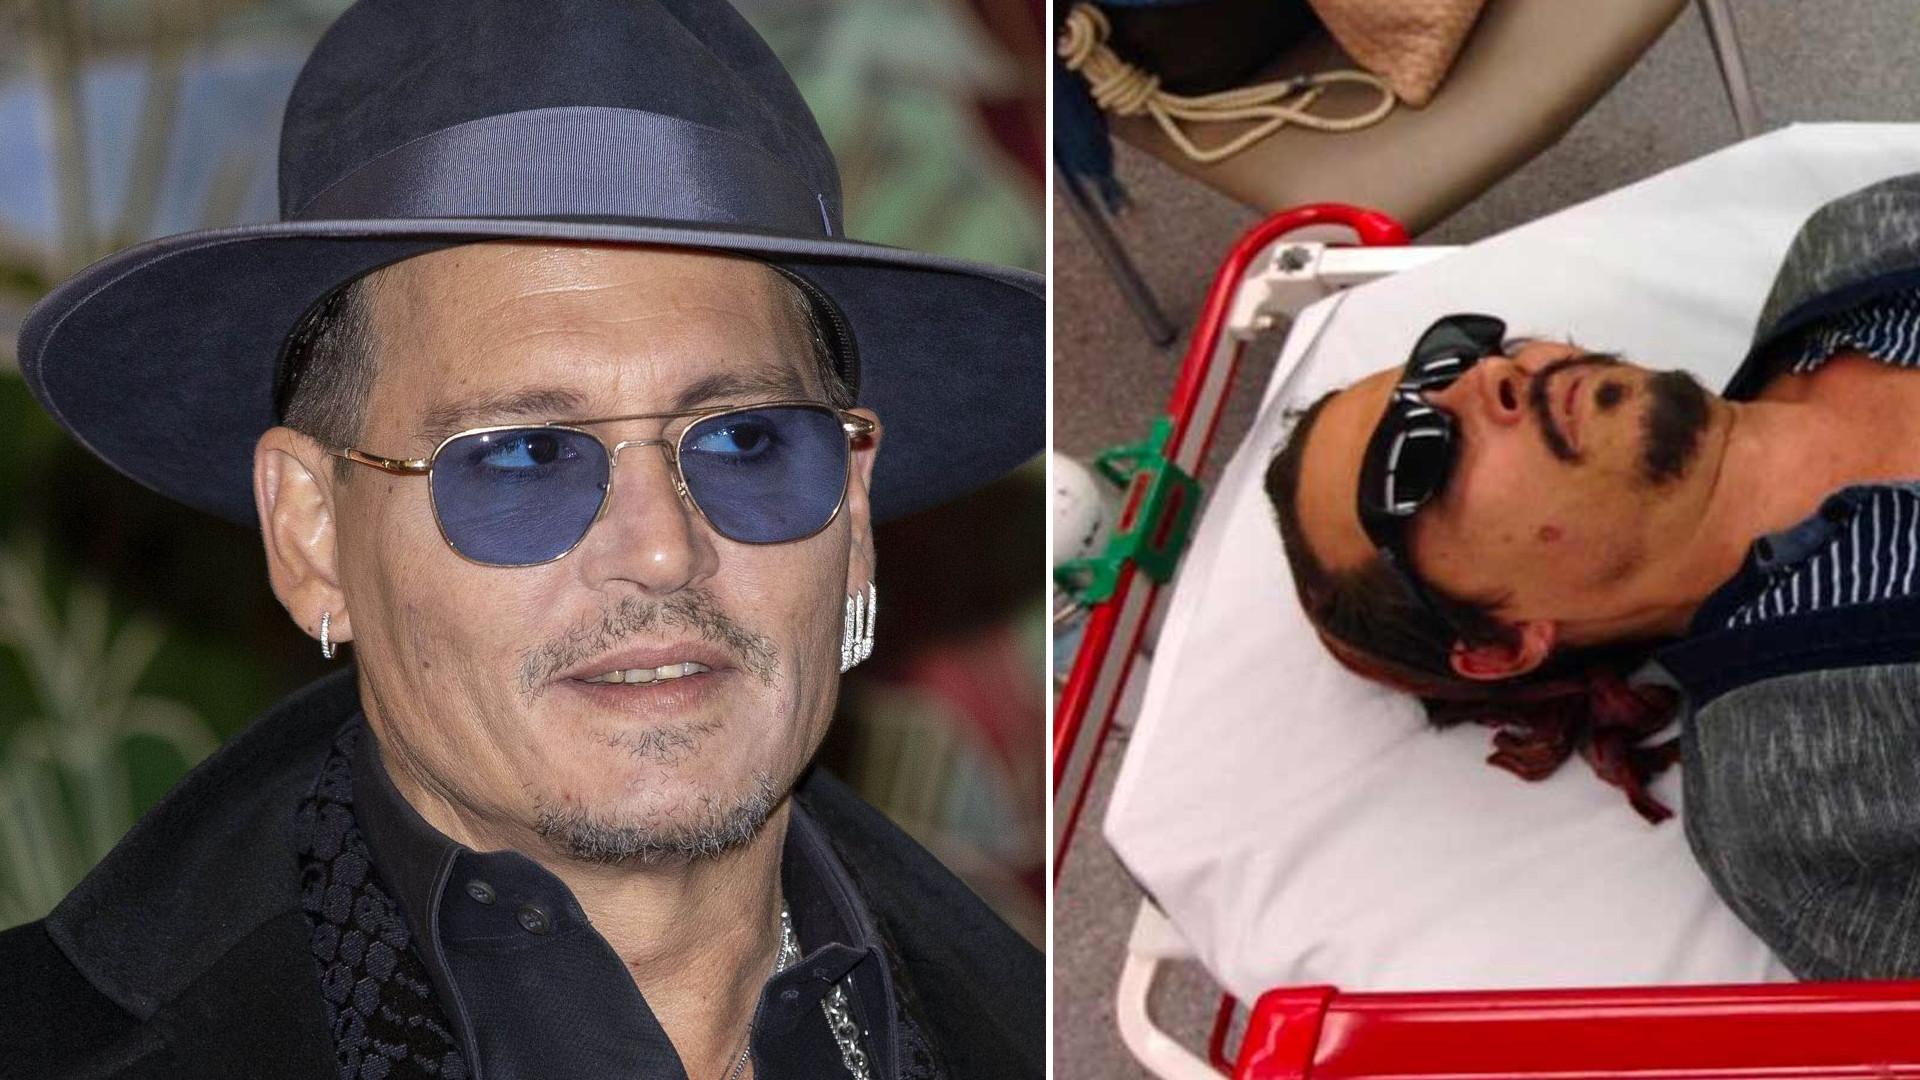 Ujawniono szokujące zdjęcie Johnny'ego Deppa